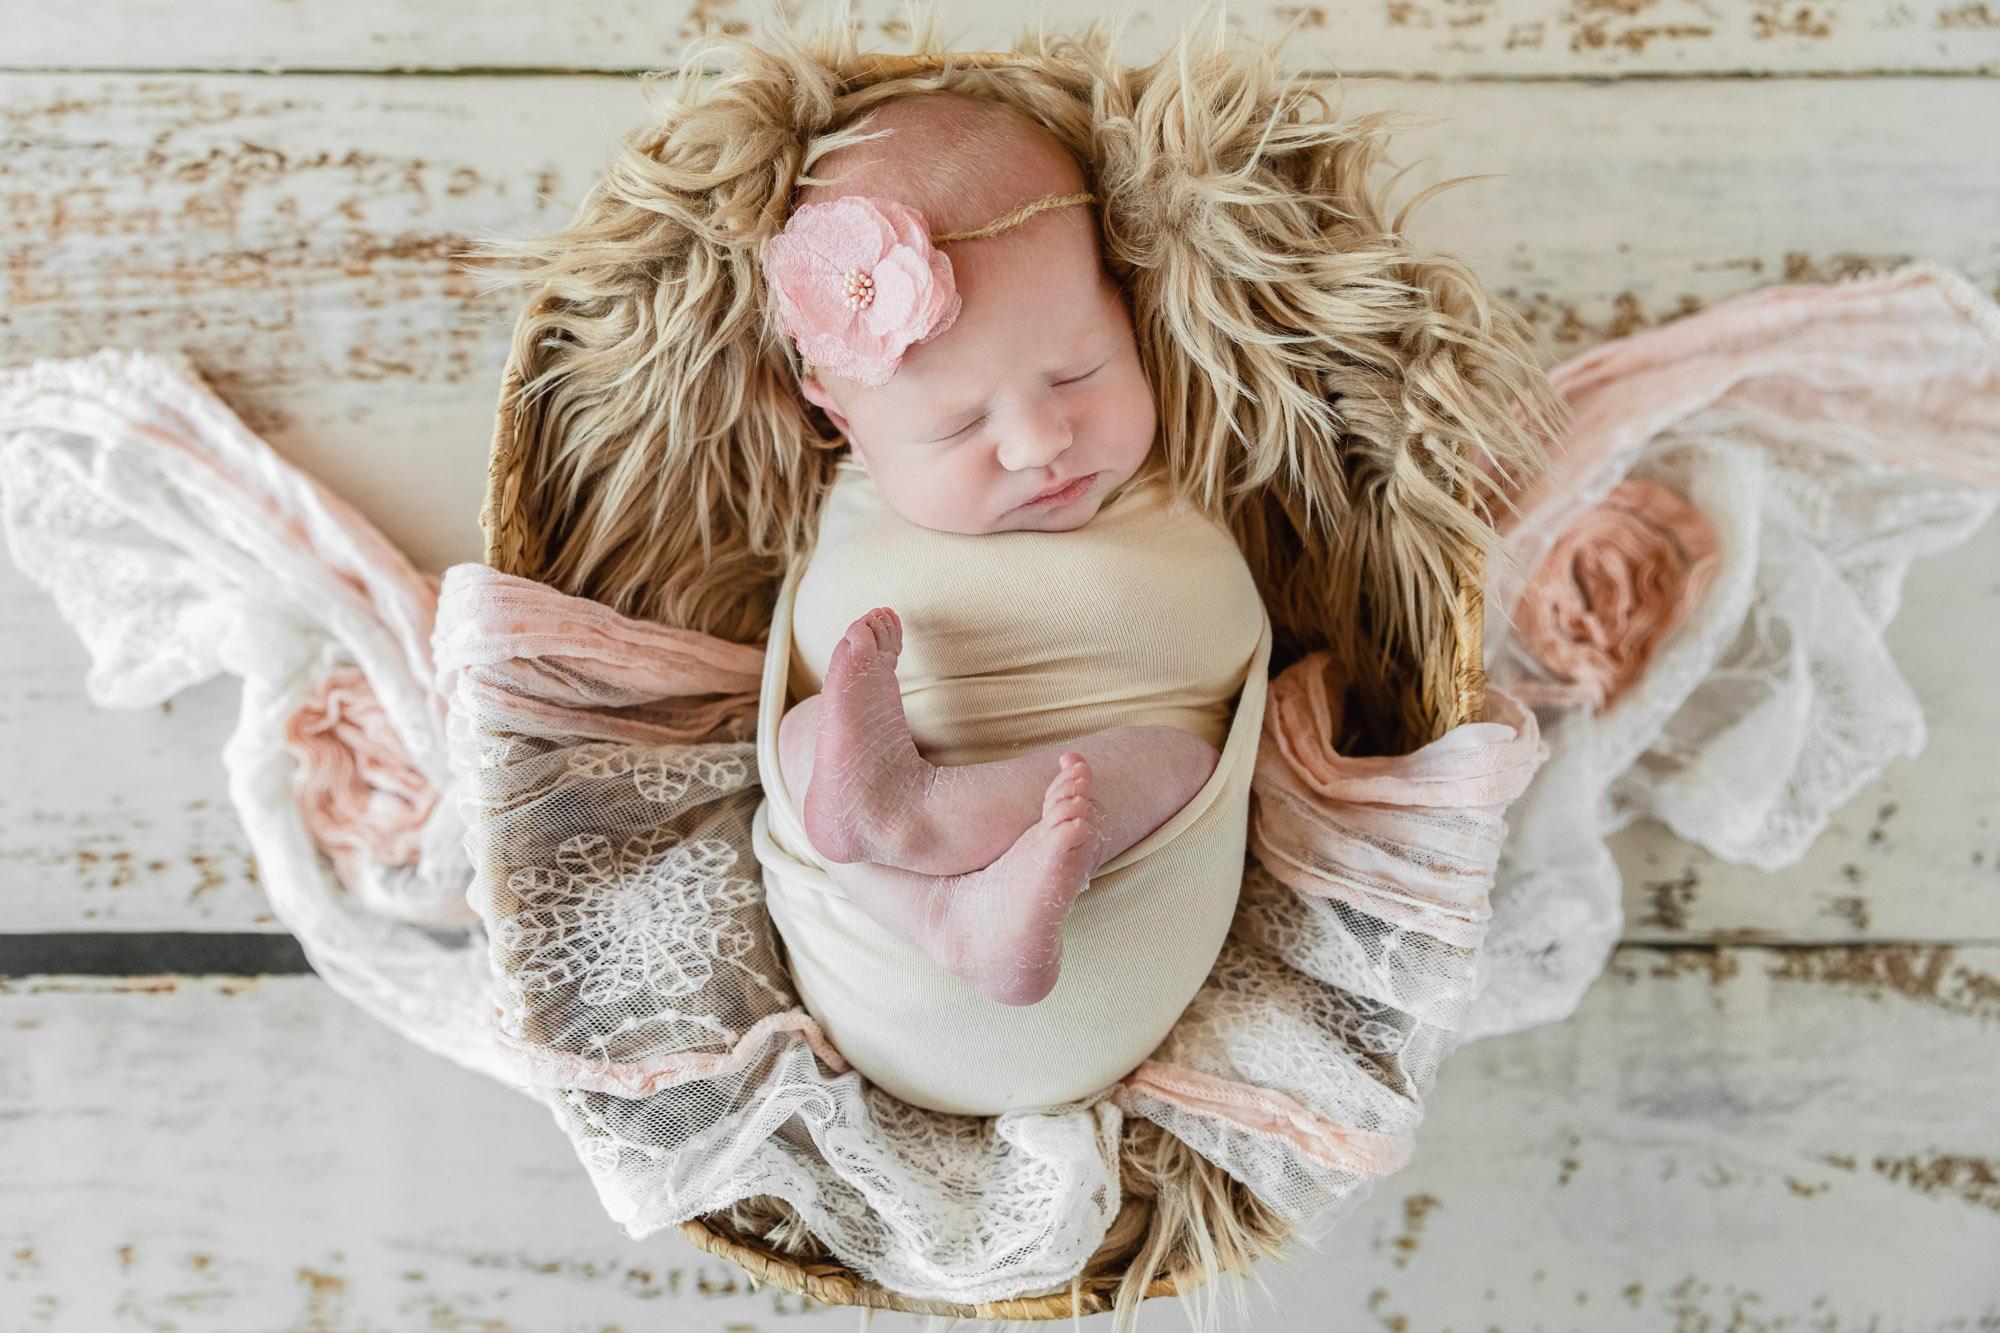 bébé fille endormi dans un panier